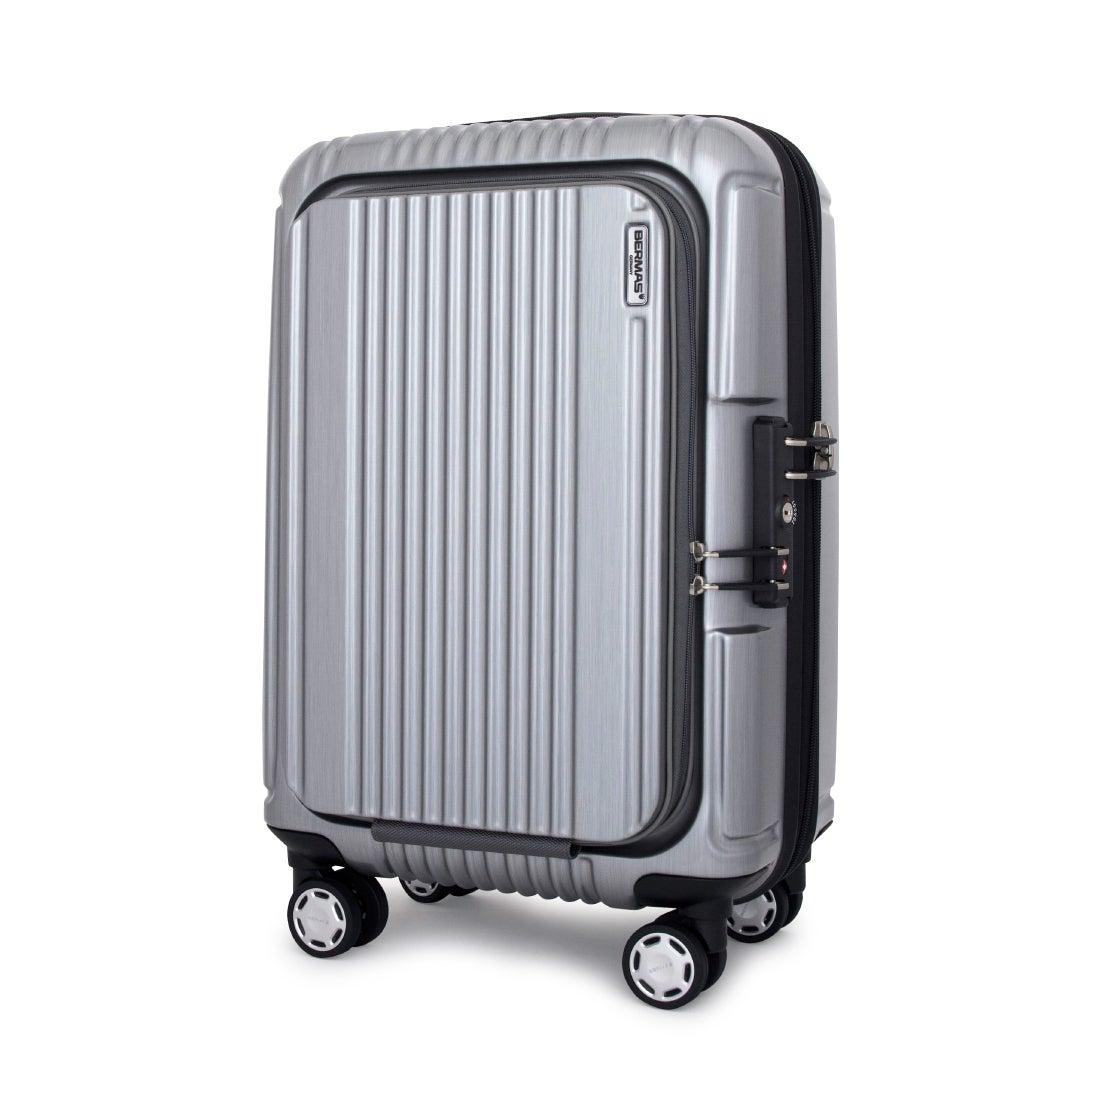 【SAC'S BAR】バーマス BERMAS スーツケース 60261 49cm プレステージ2 【22】シルバー メンズ